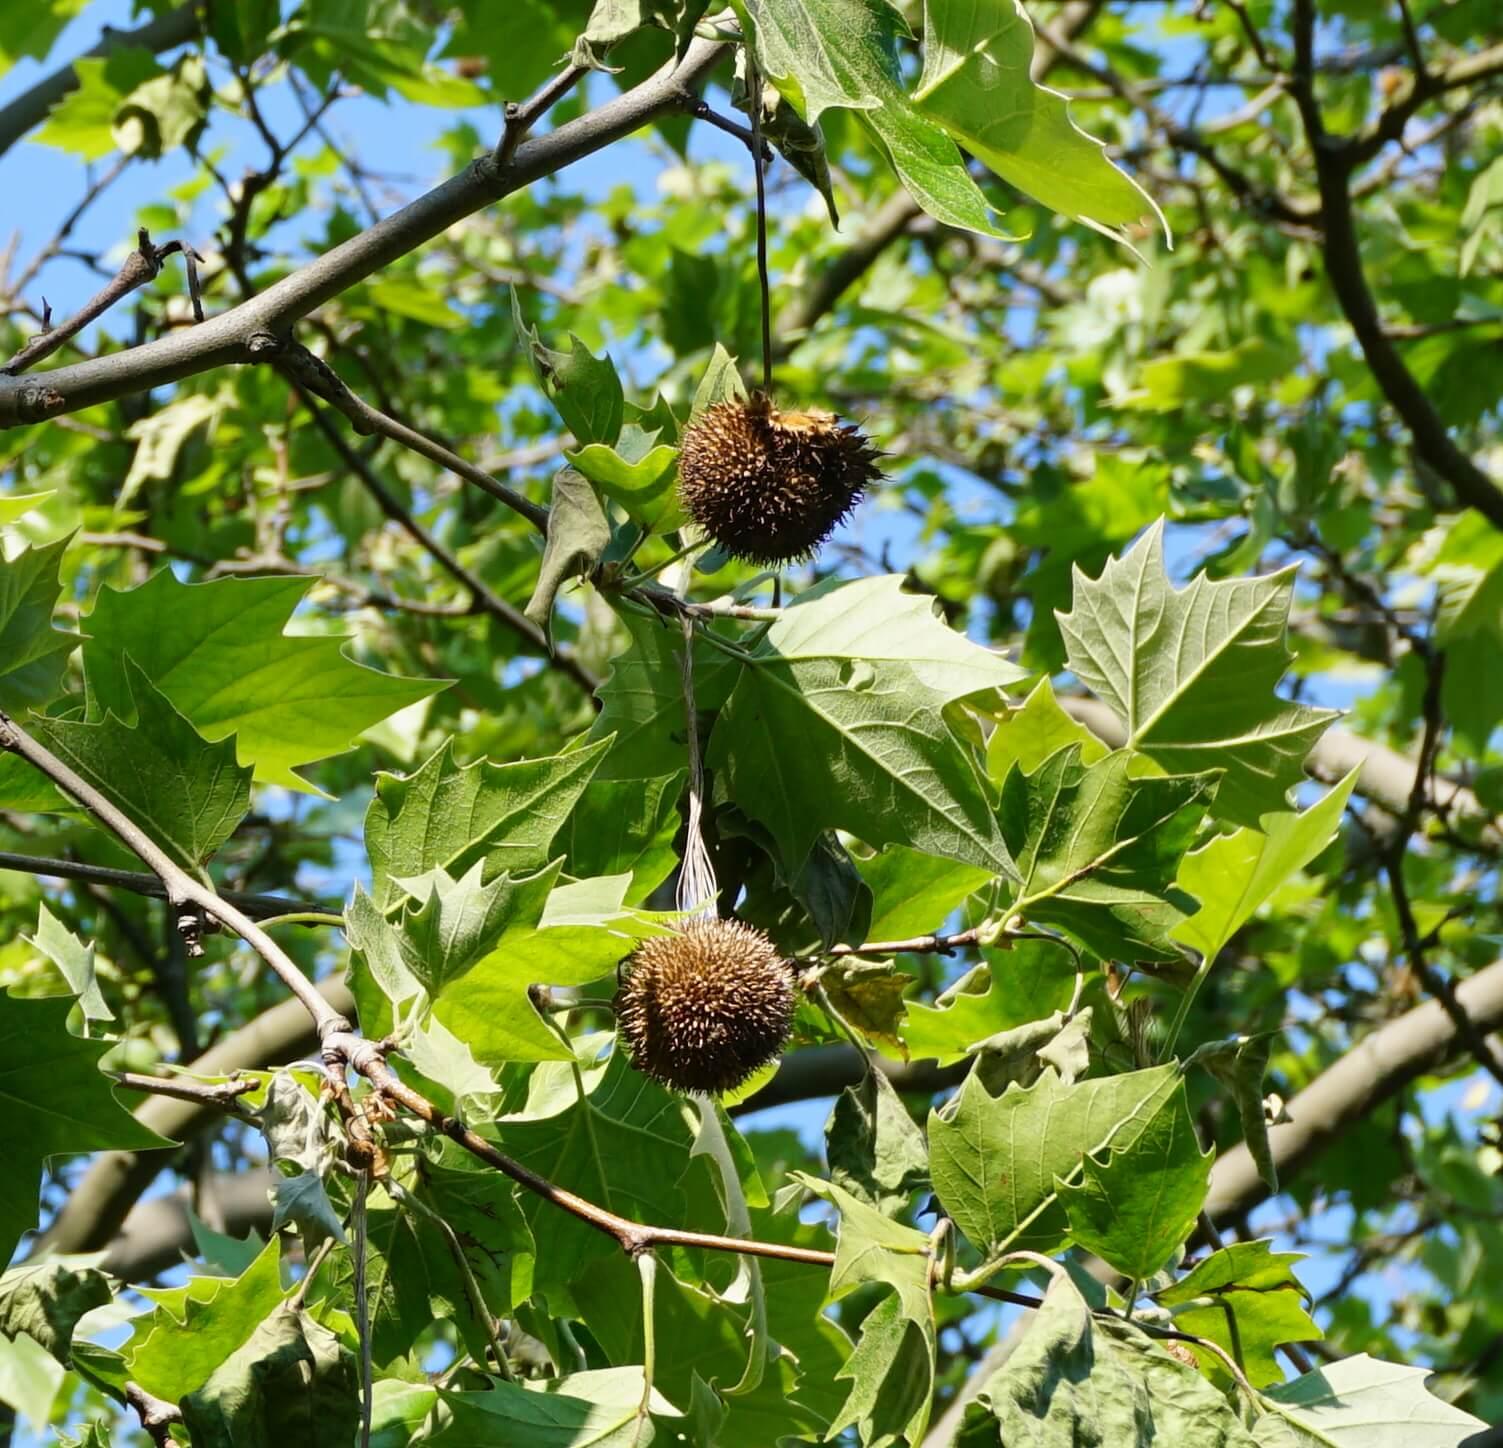 Das Bild zeigt die kugelförmigen Fruchtstände der Platane, bestehend aus zahlreichen, dicht sitzenden Nüsschen, die am Grund mit borstigen Haarbüscheln besetzt sind. Die scheinbare Stacheligkeit der Oberfläche rührt von verbleibenden Griffeln der ehemaligen Blüten her.